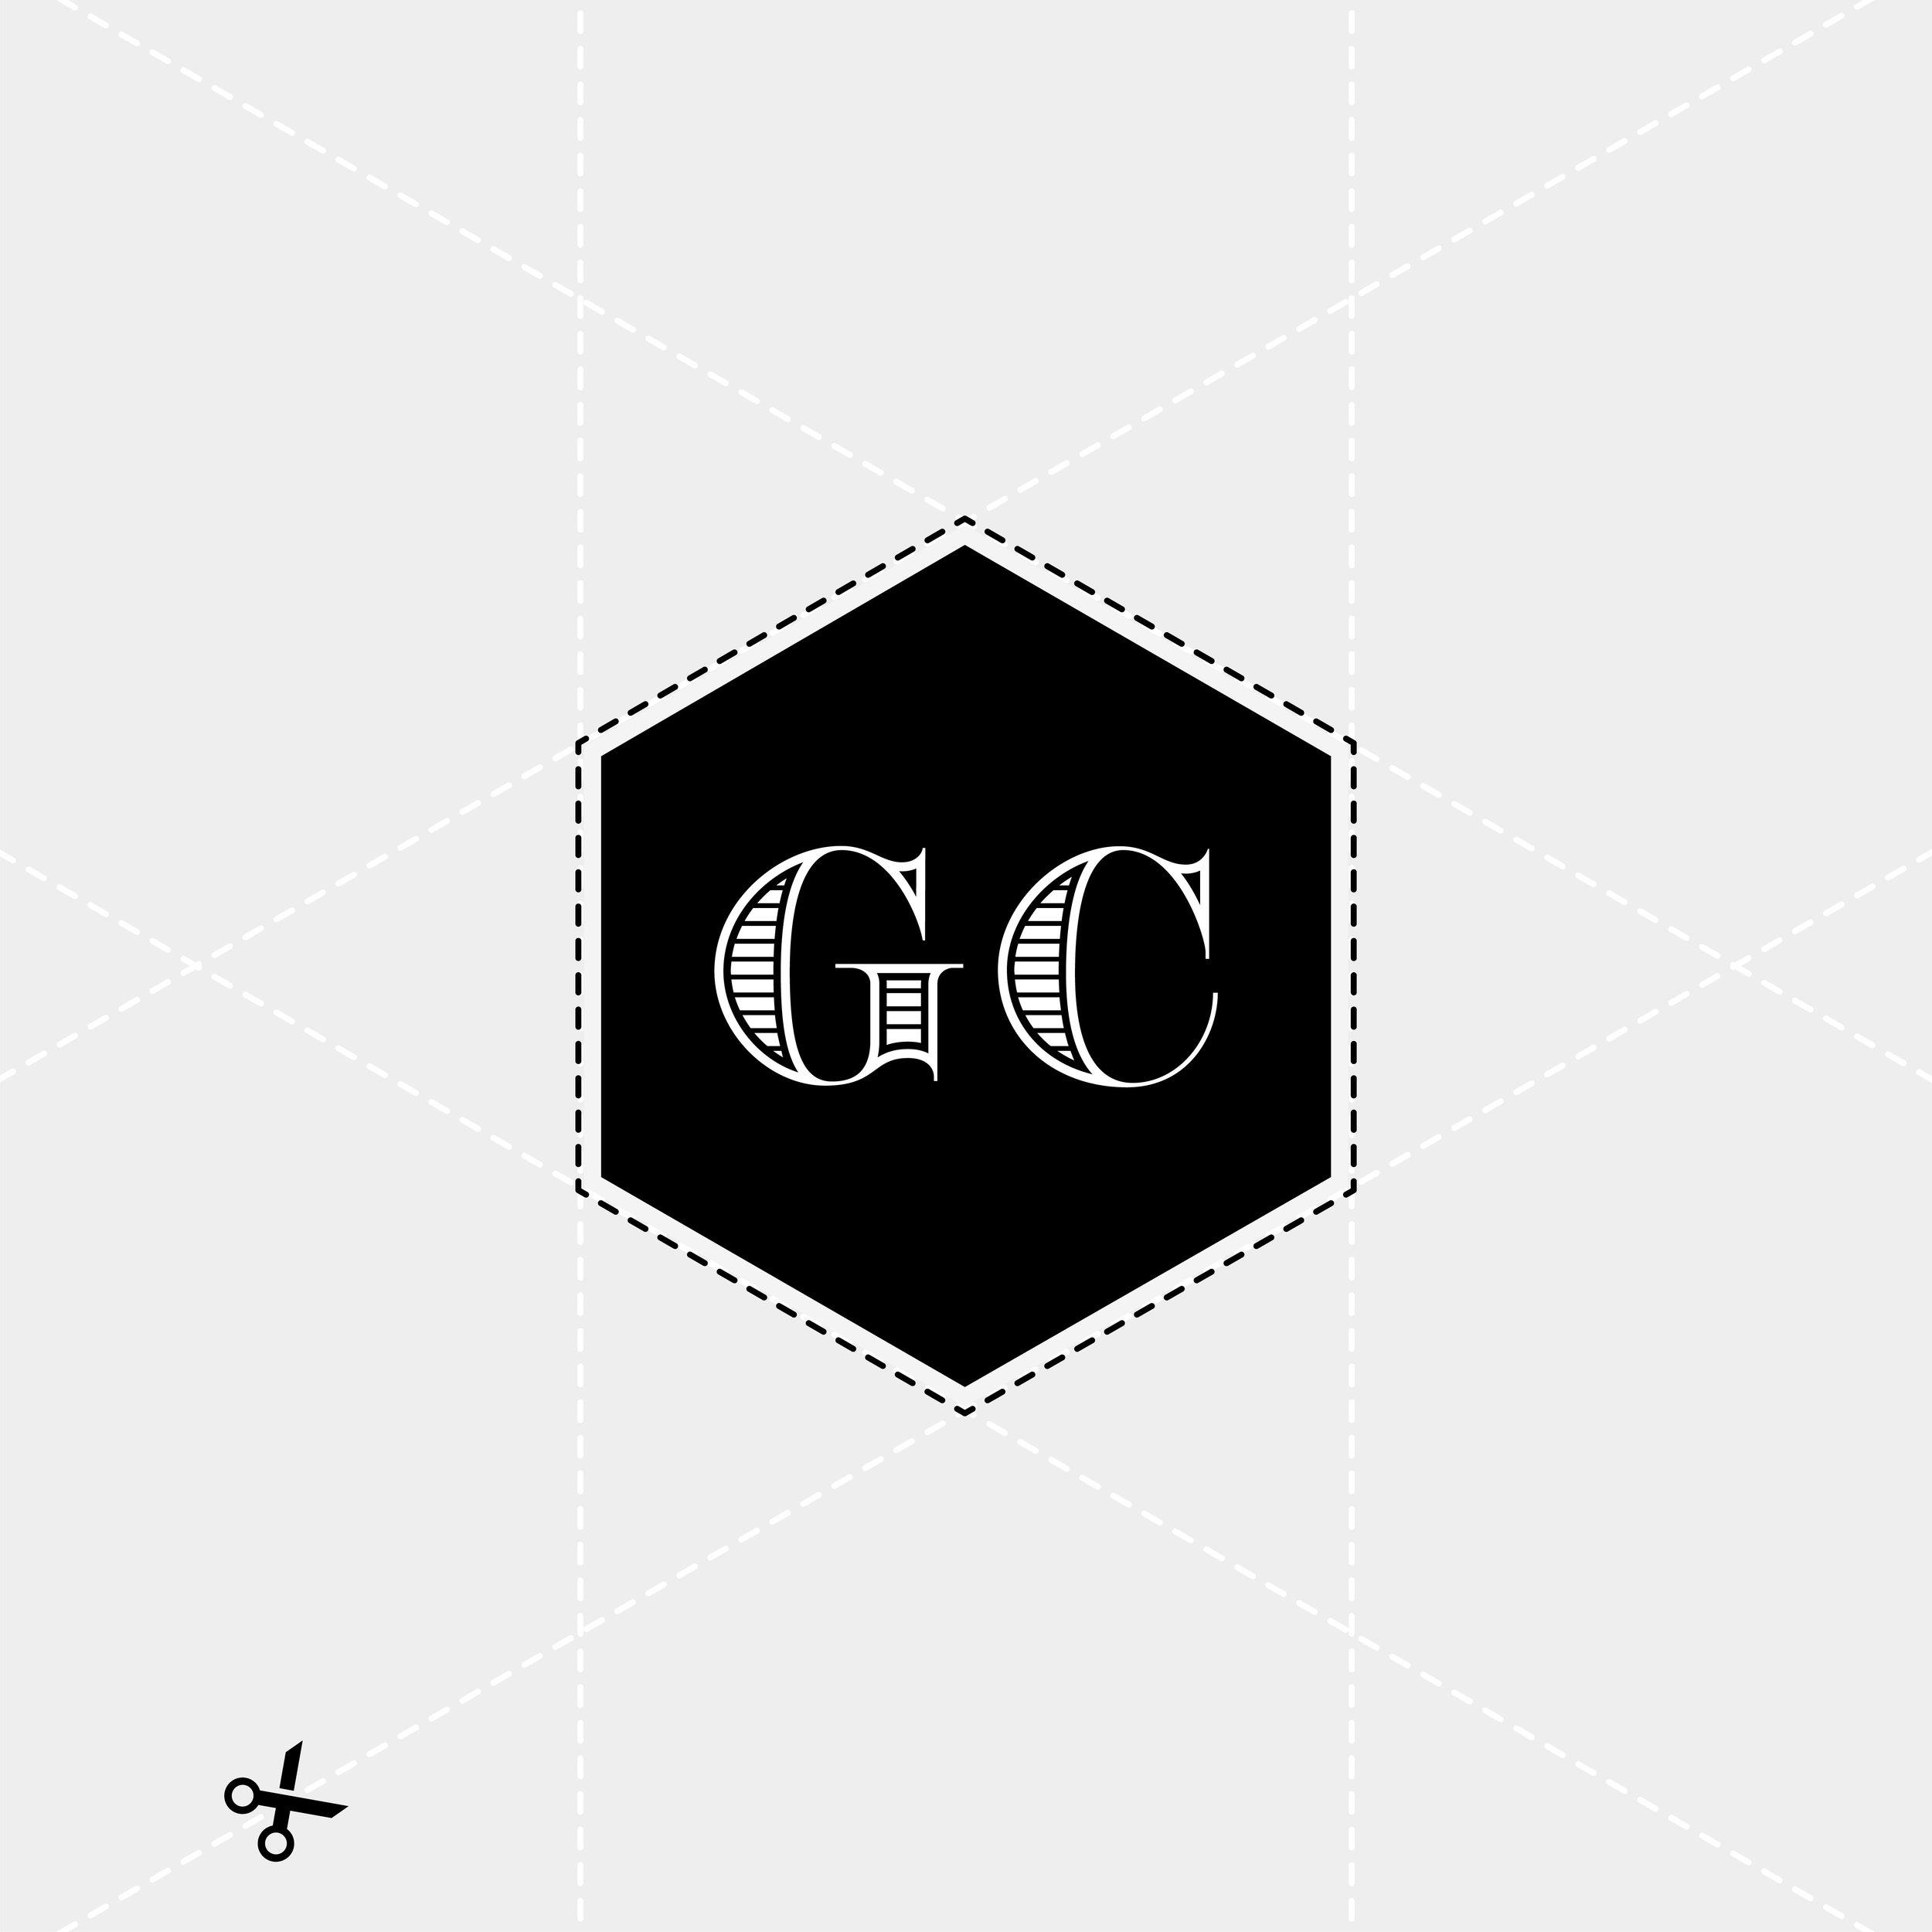 GiftCouture_CutOutLogo_v2.jpg